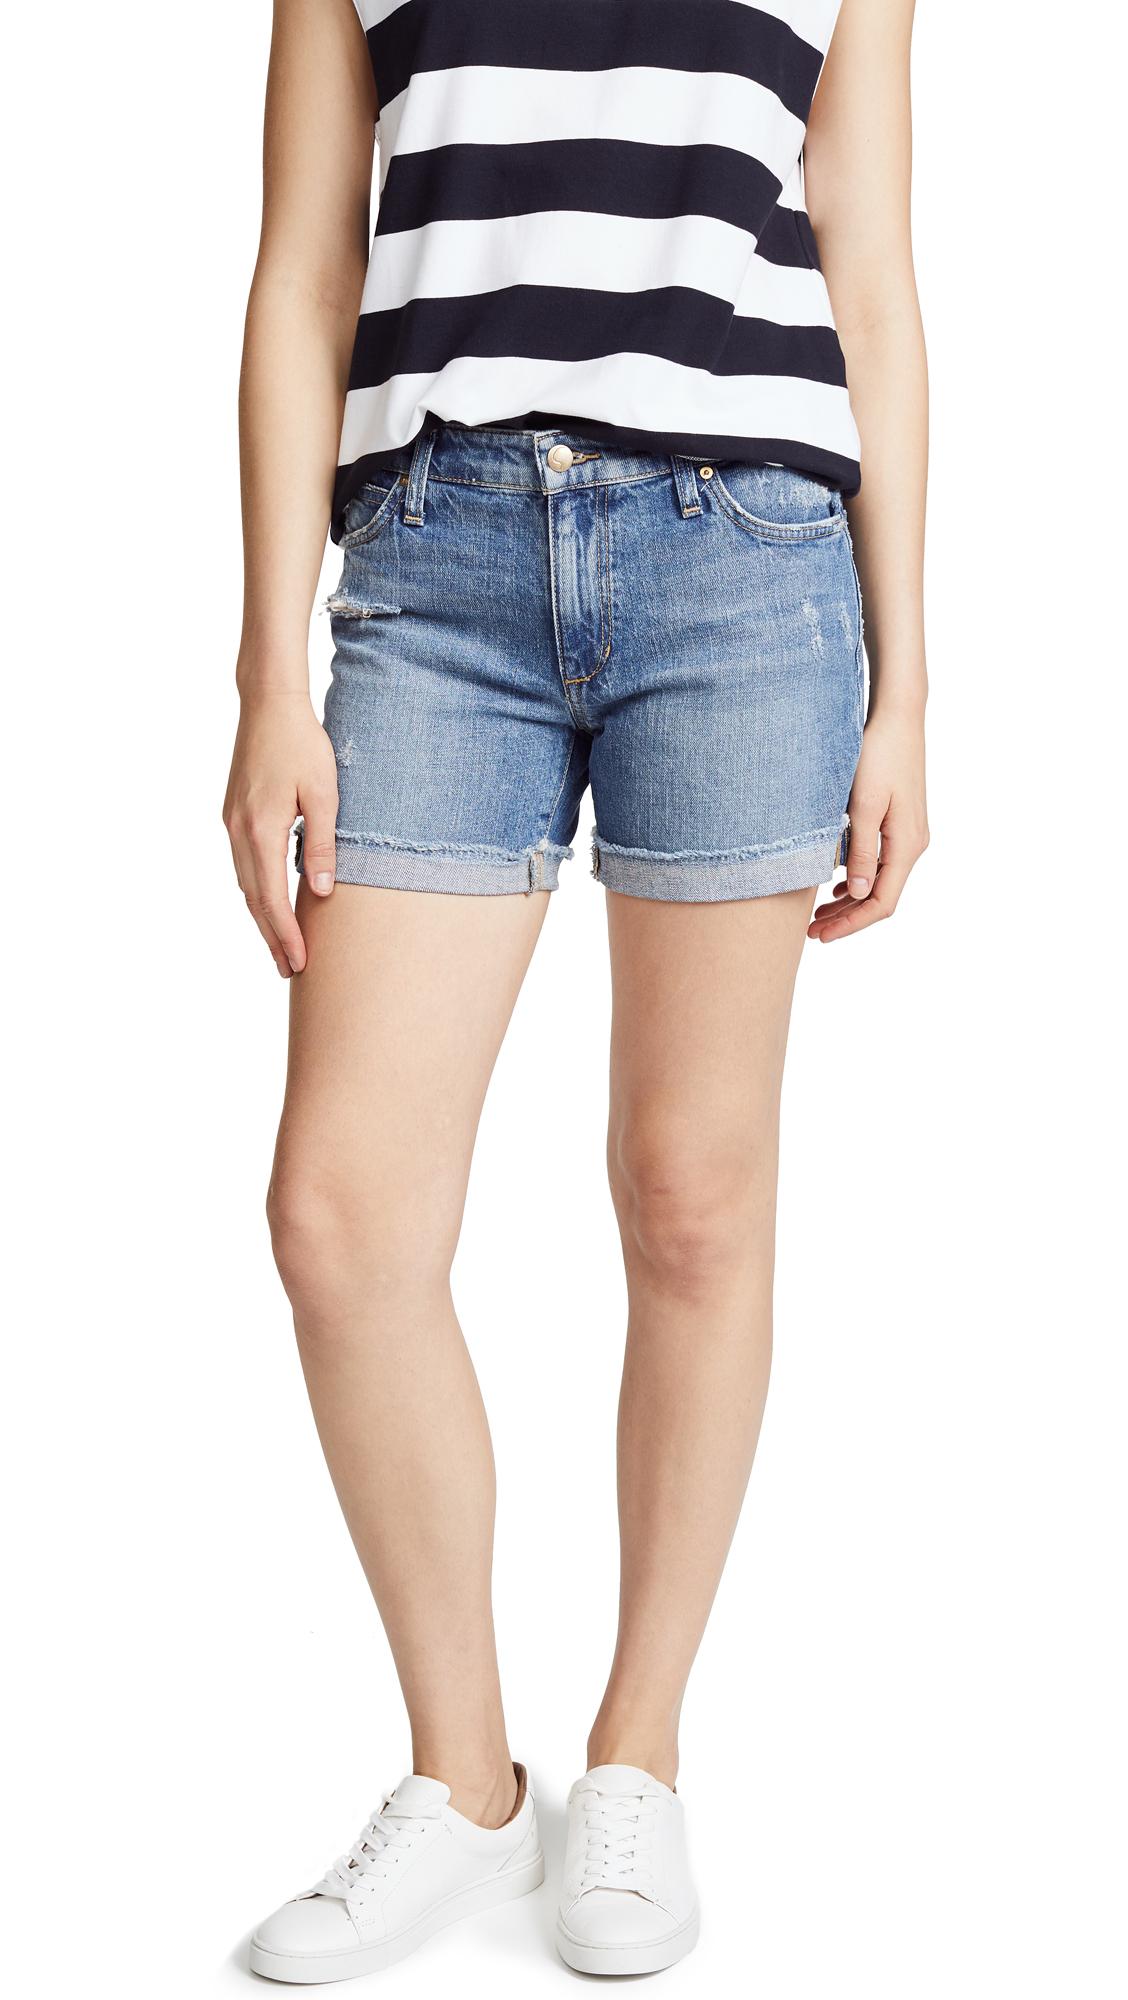 Joe's Jeans Short Cuffed Bermuda Shorts